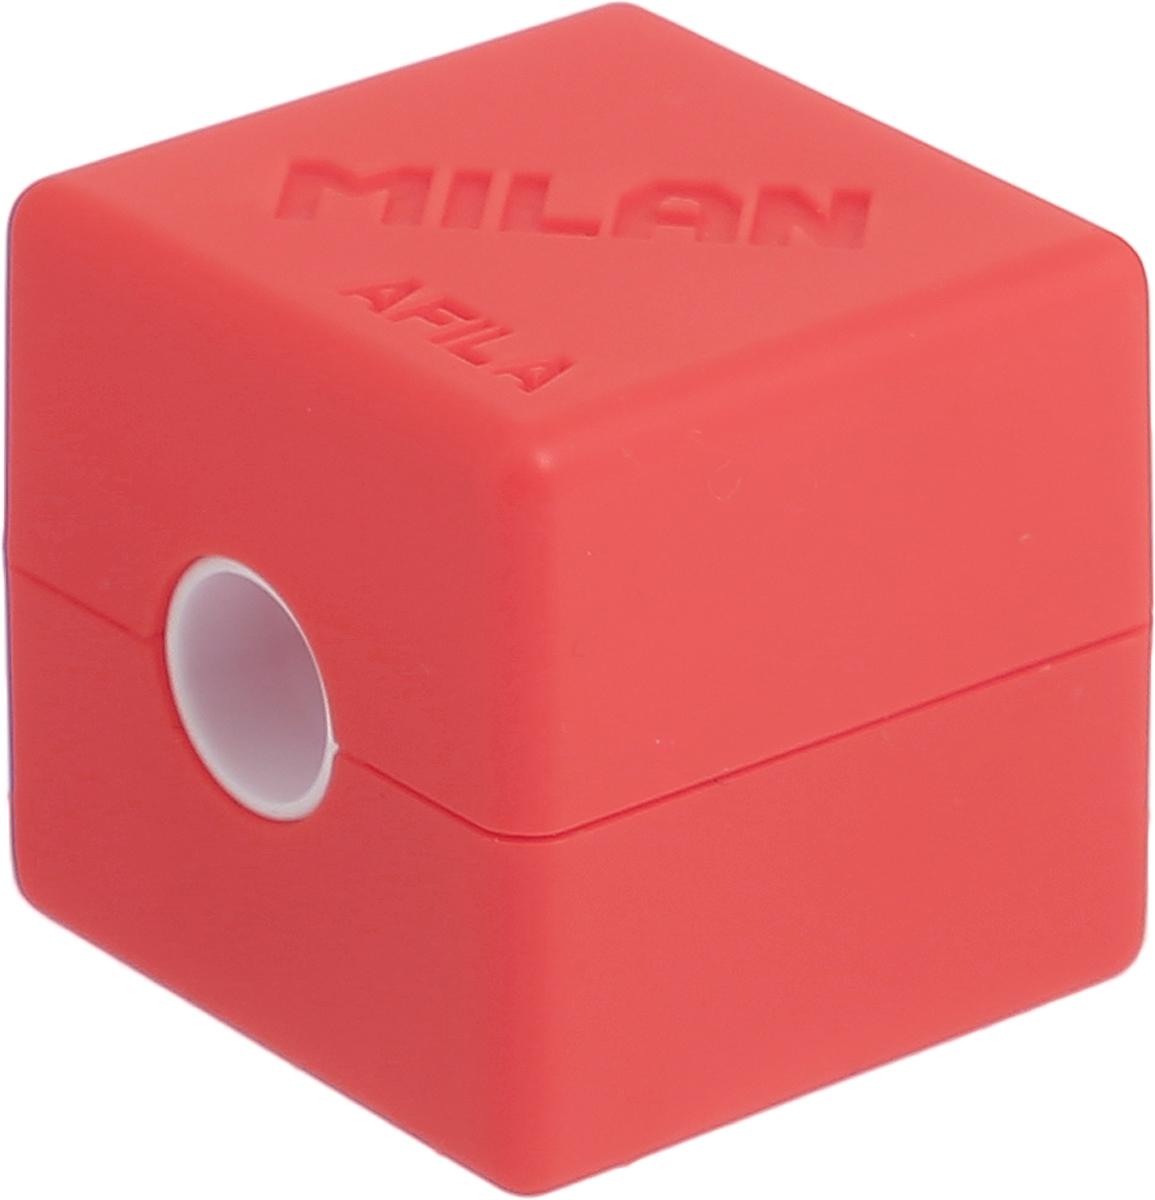 Milan Точилка Cubic с контейнером цвет оранжевый20154216_оранжевыйКомпактная точилка Milan Cubic с контейнером оснащена безопасной системой заточки. Эта система предотвращает отделение лезвия от точилки. Идеально подходит для использования в школах. Стальное лезвие острое и устойчиво к повреждению. Идеально подходит для заточки графитовых и цветных карандашей